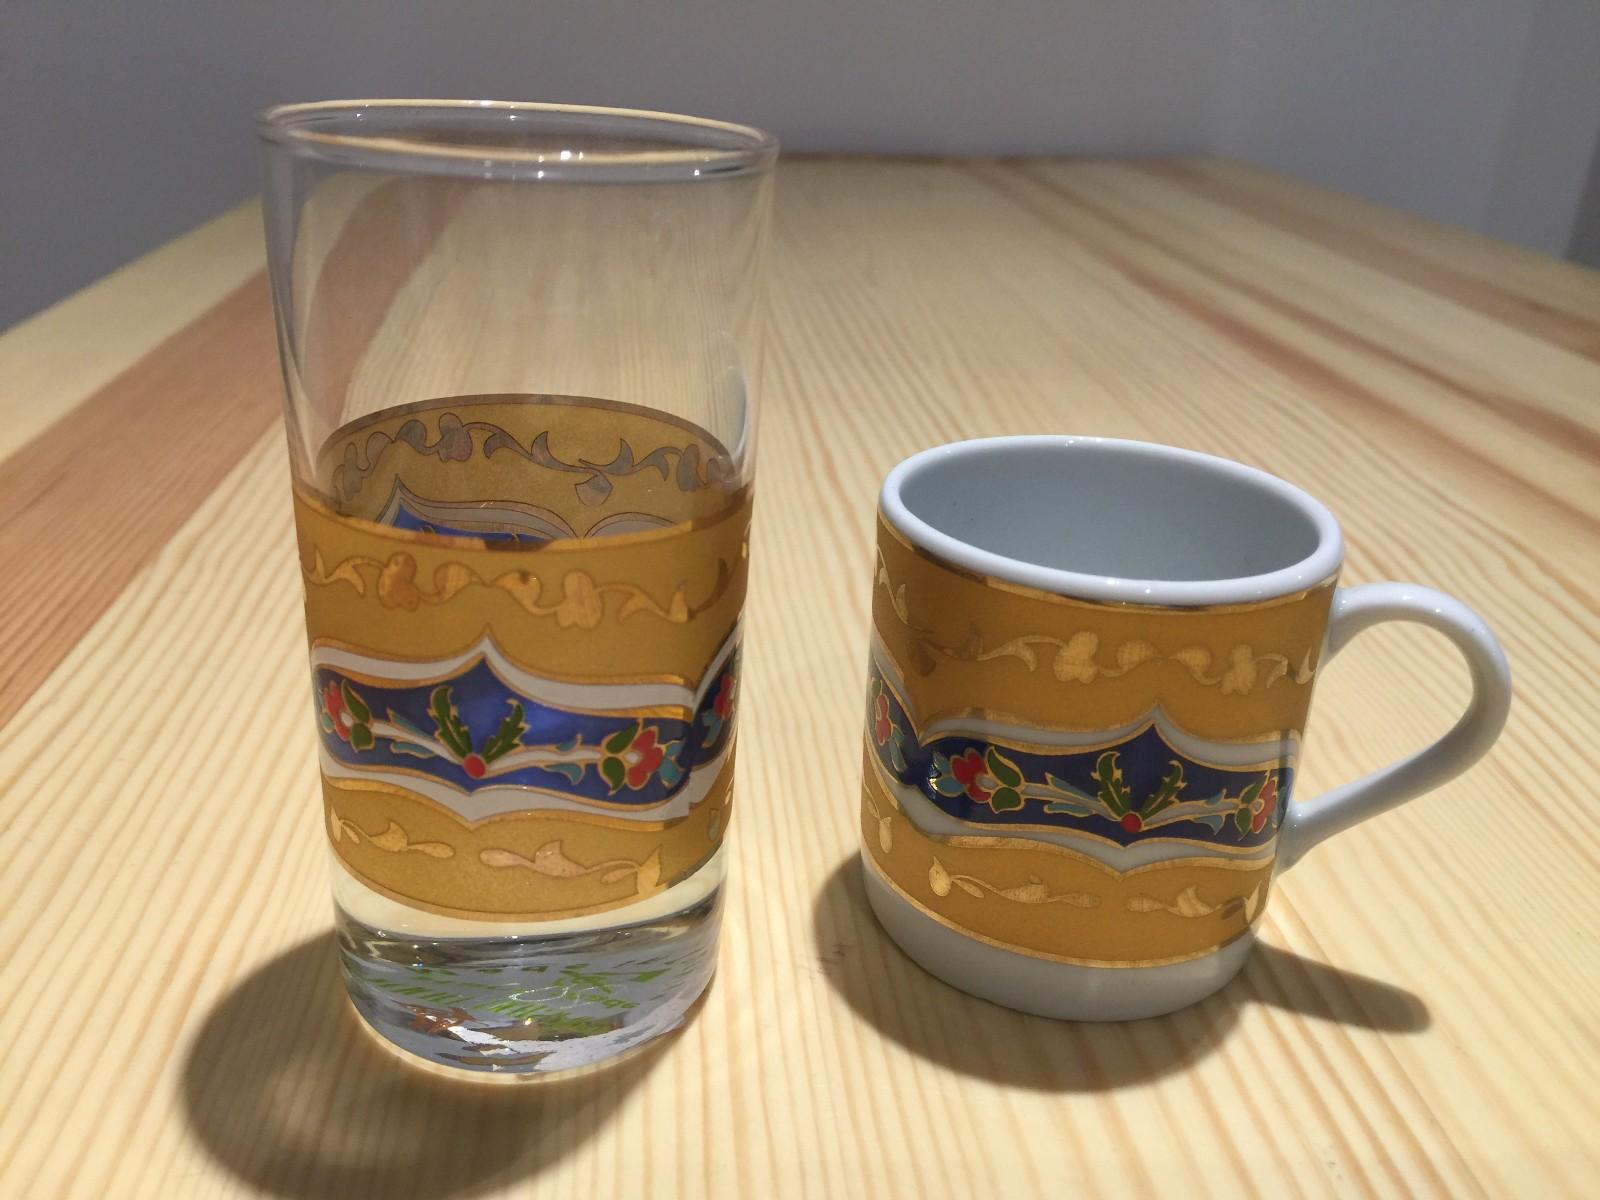 土耳其精品陶艺工艺品 家装摆件 咖啡杯图片五